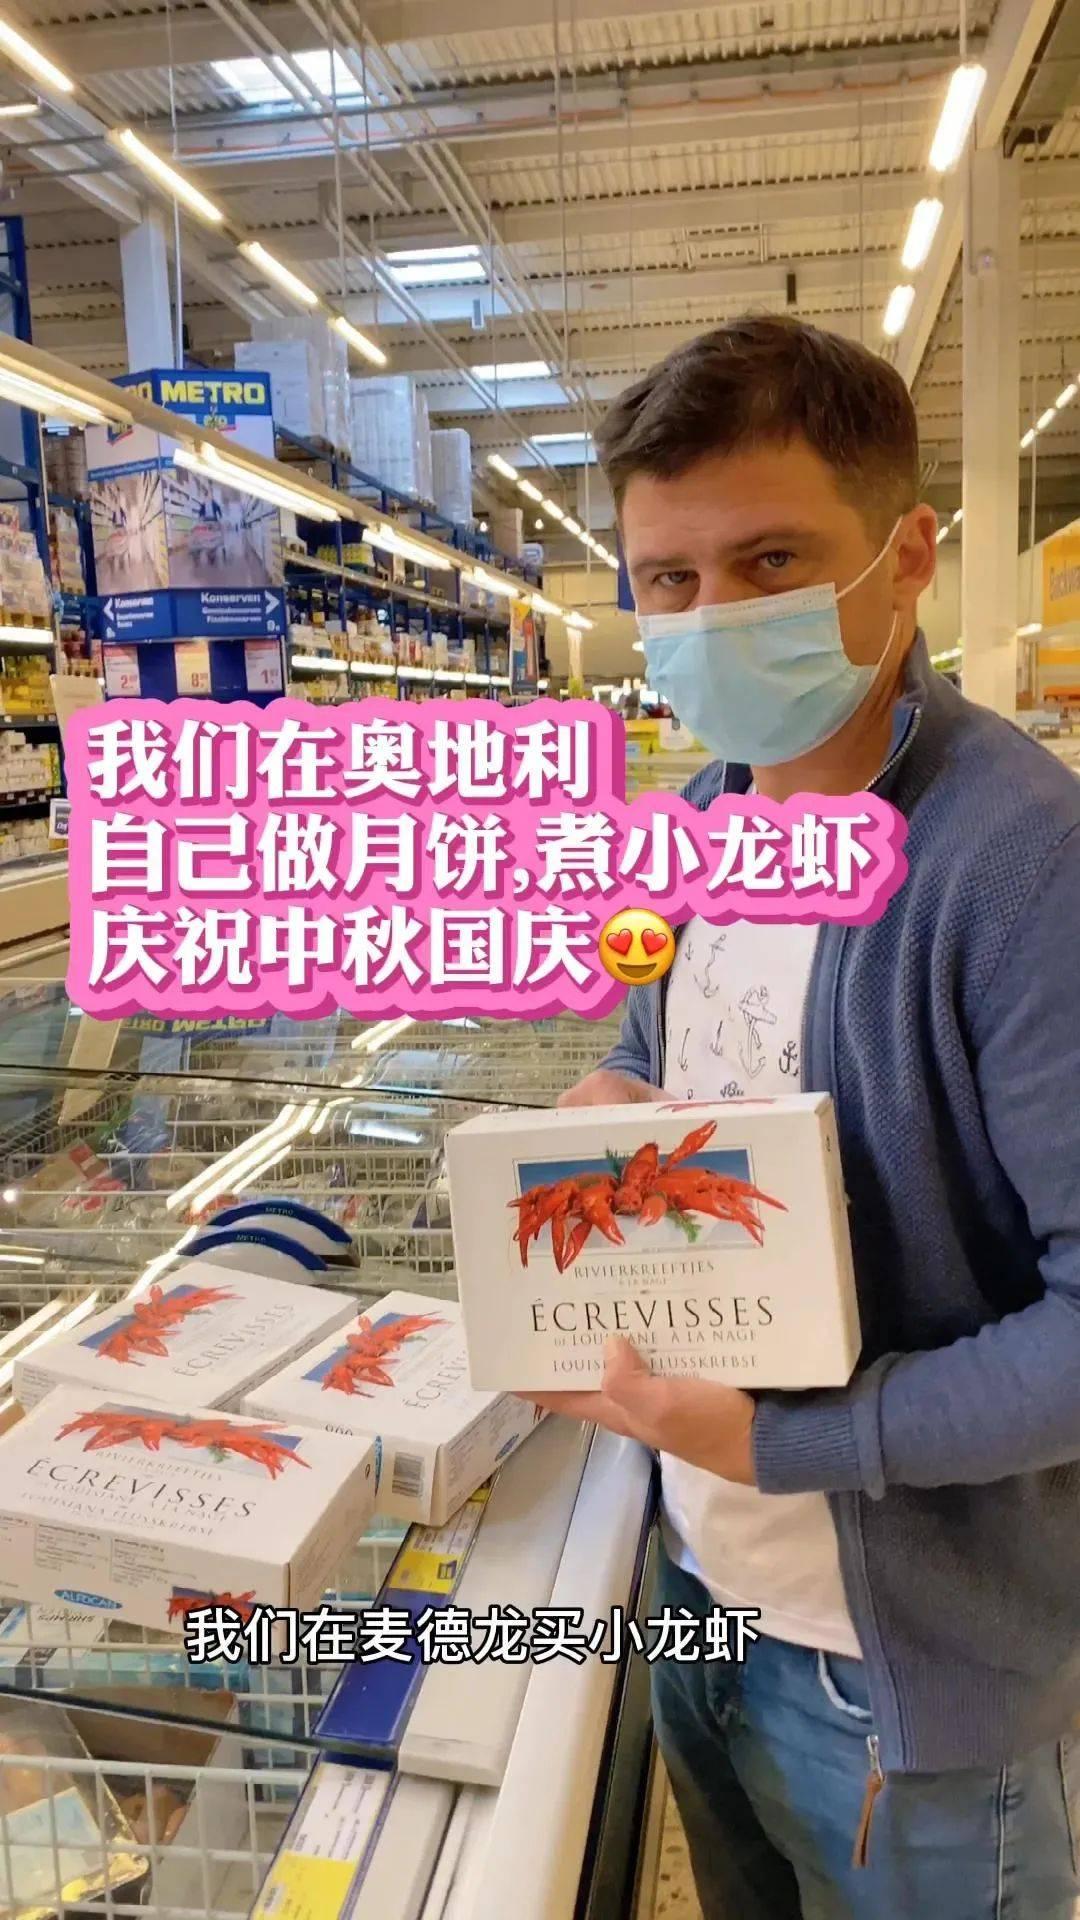 鸟哥笔记,营销推广,麋鹿先生Sky,国庆节,中秋节